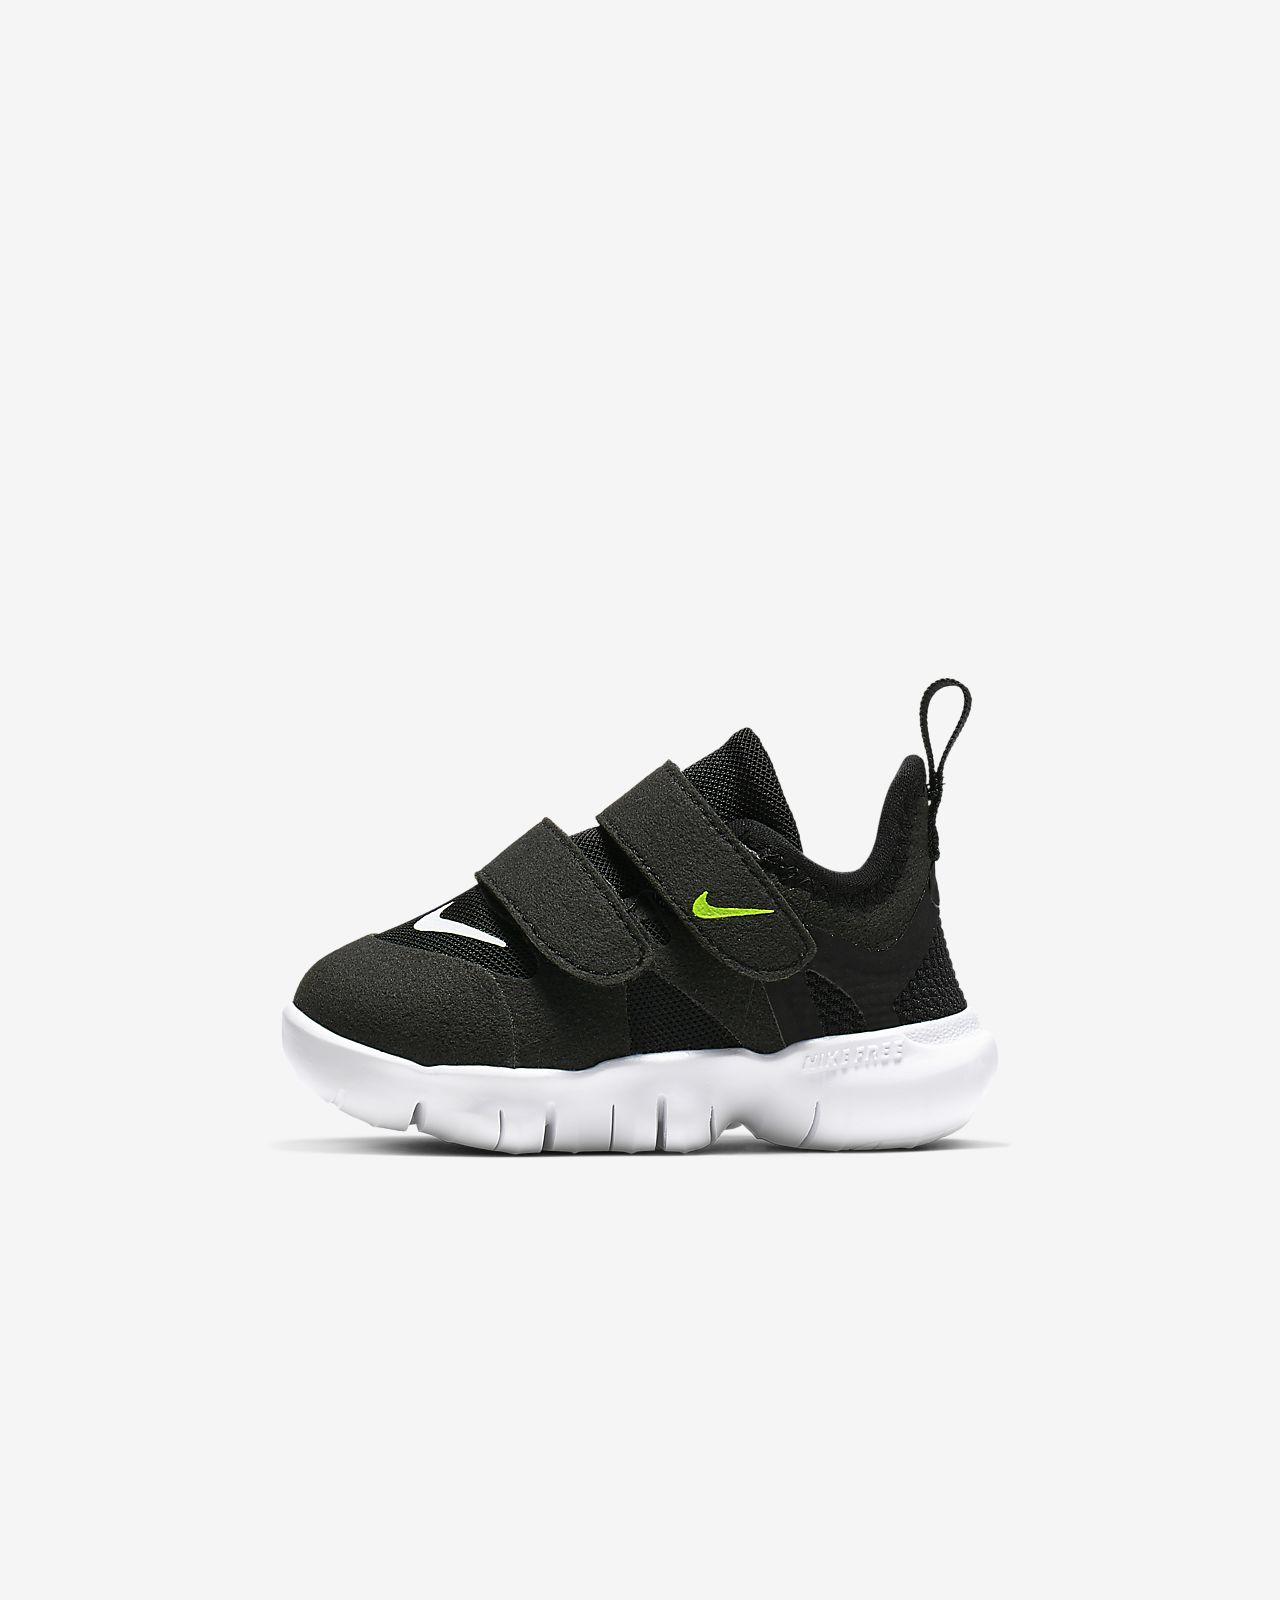 Nike Free RN 5.0 Zapatillas - Bebé e infantil